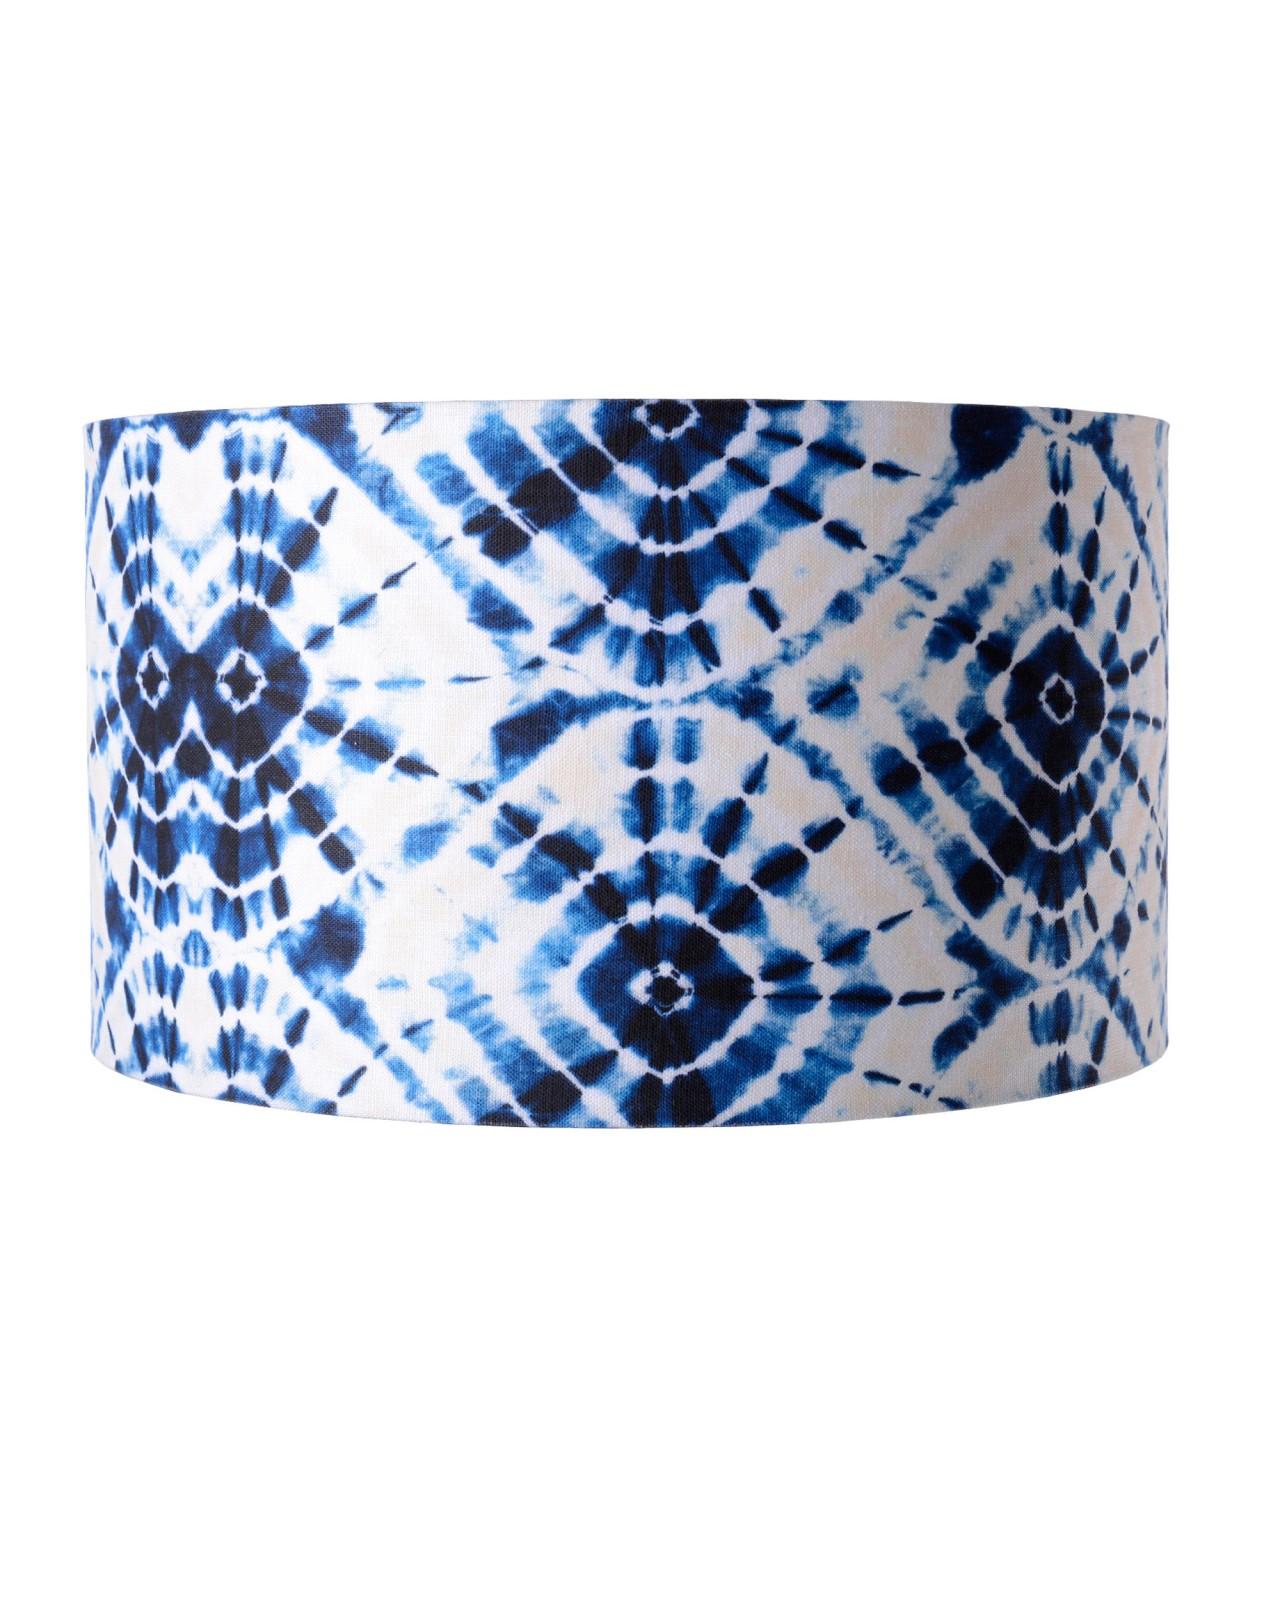 SHIBORI SWIRLS Drum Lampshade